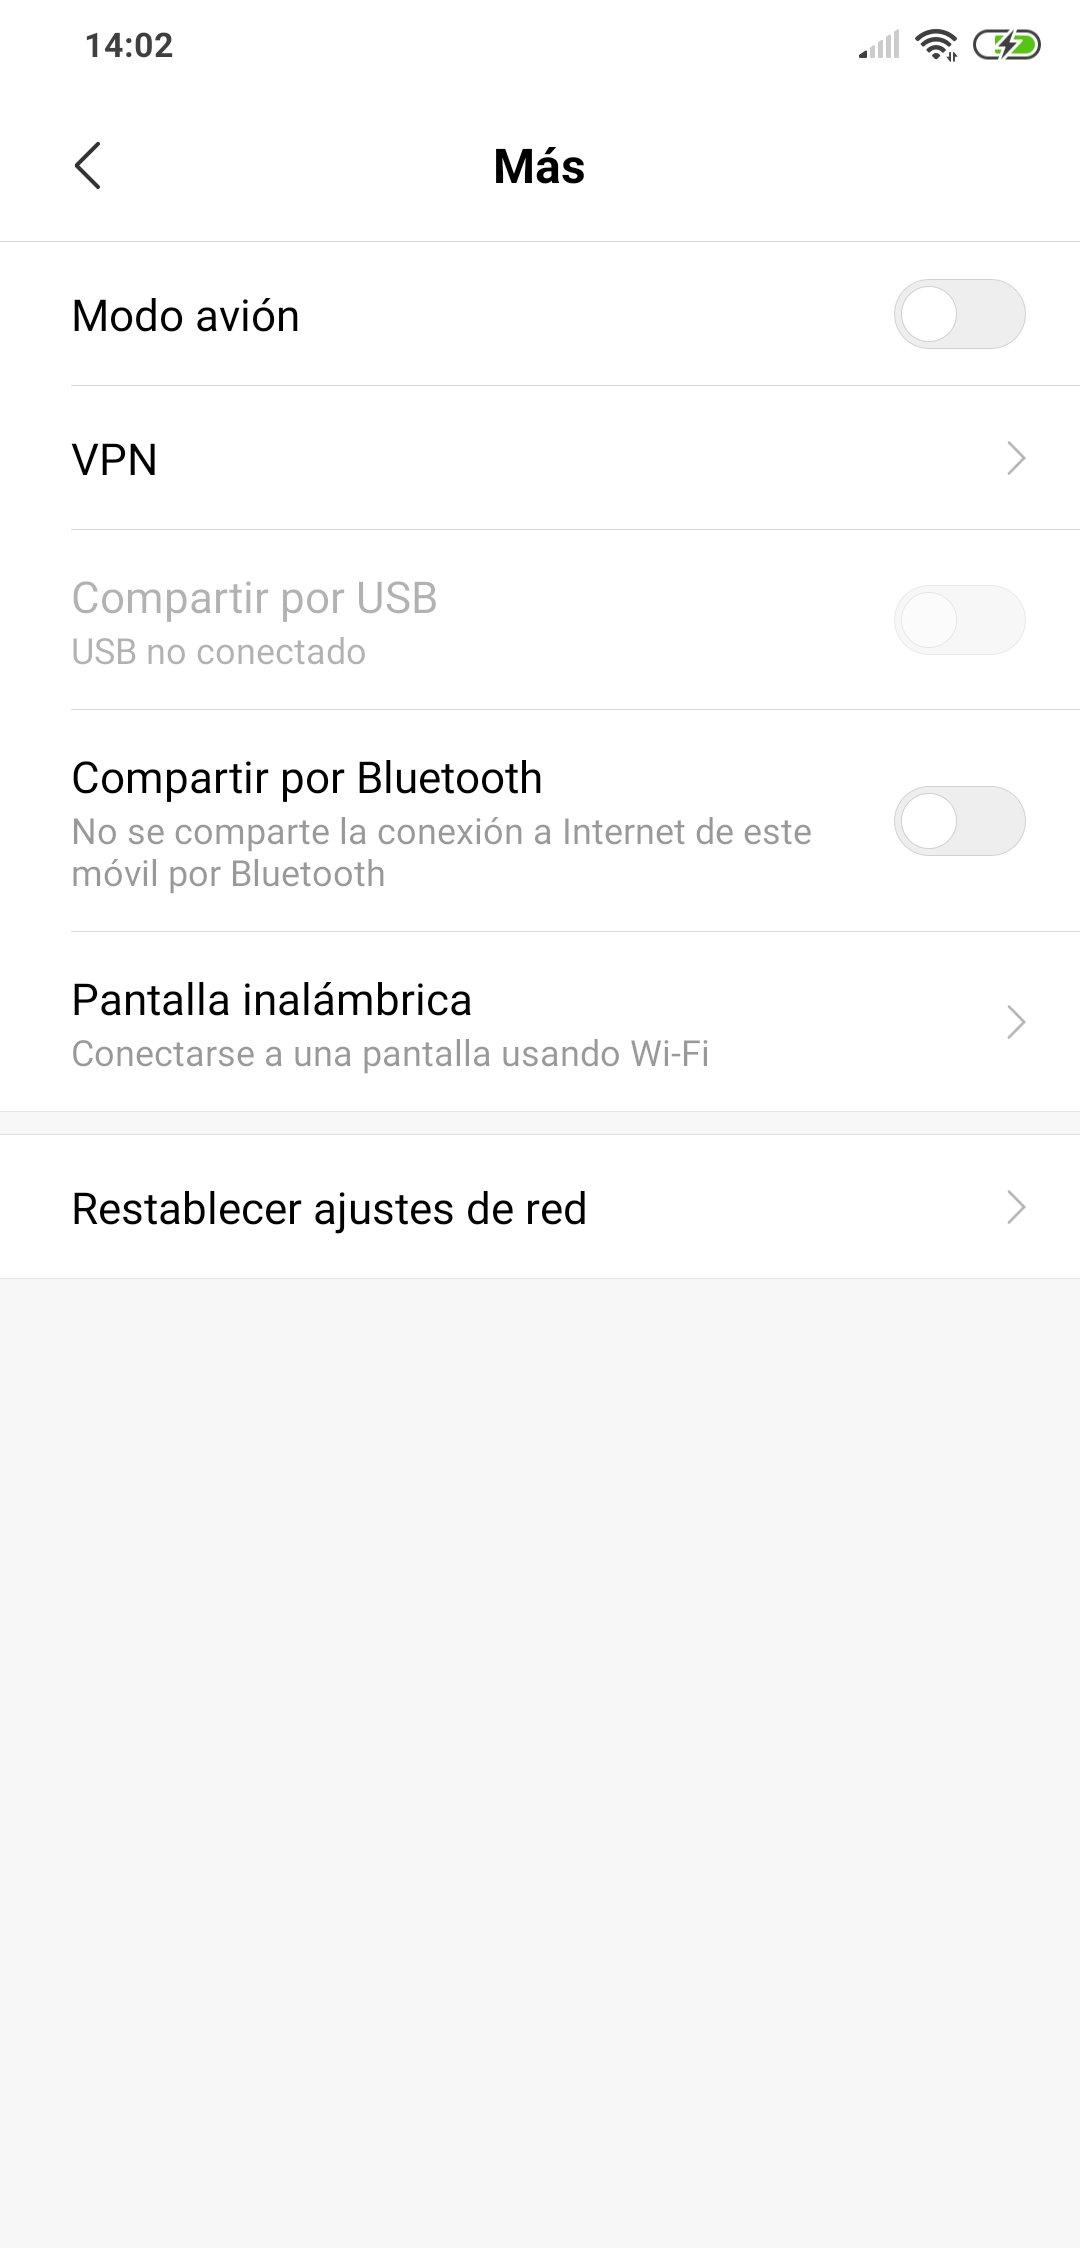 MIUI 10 - 8 9 20   Xiaomi European Community